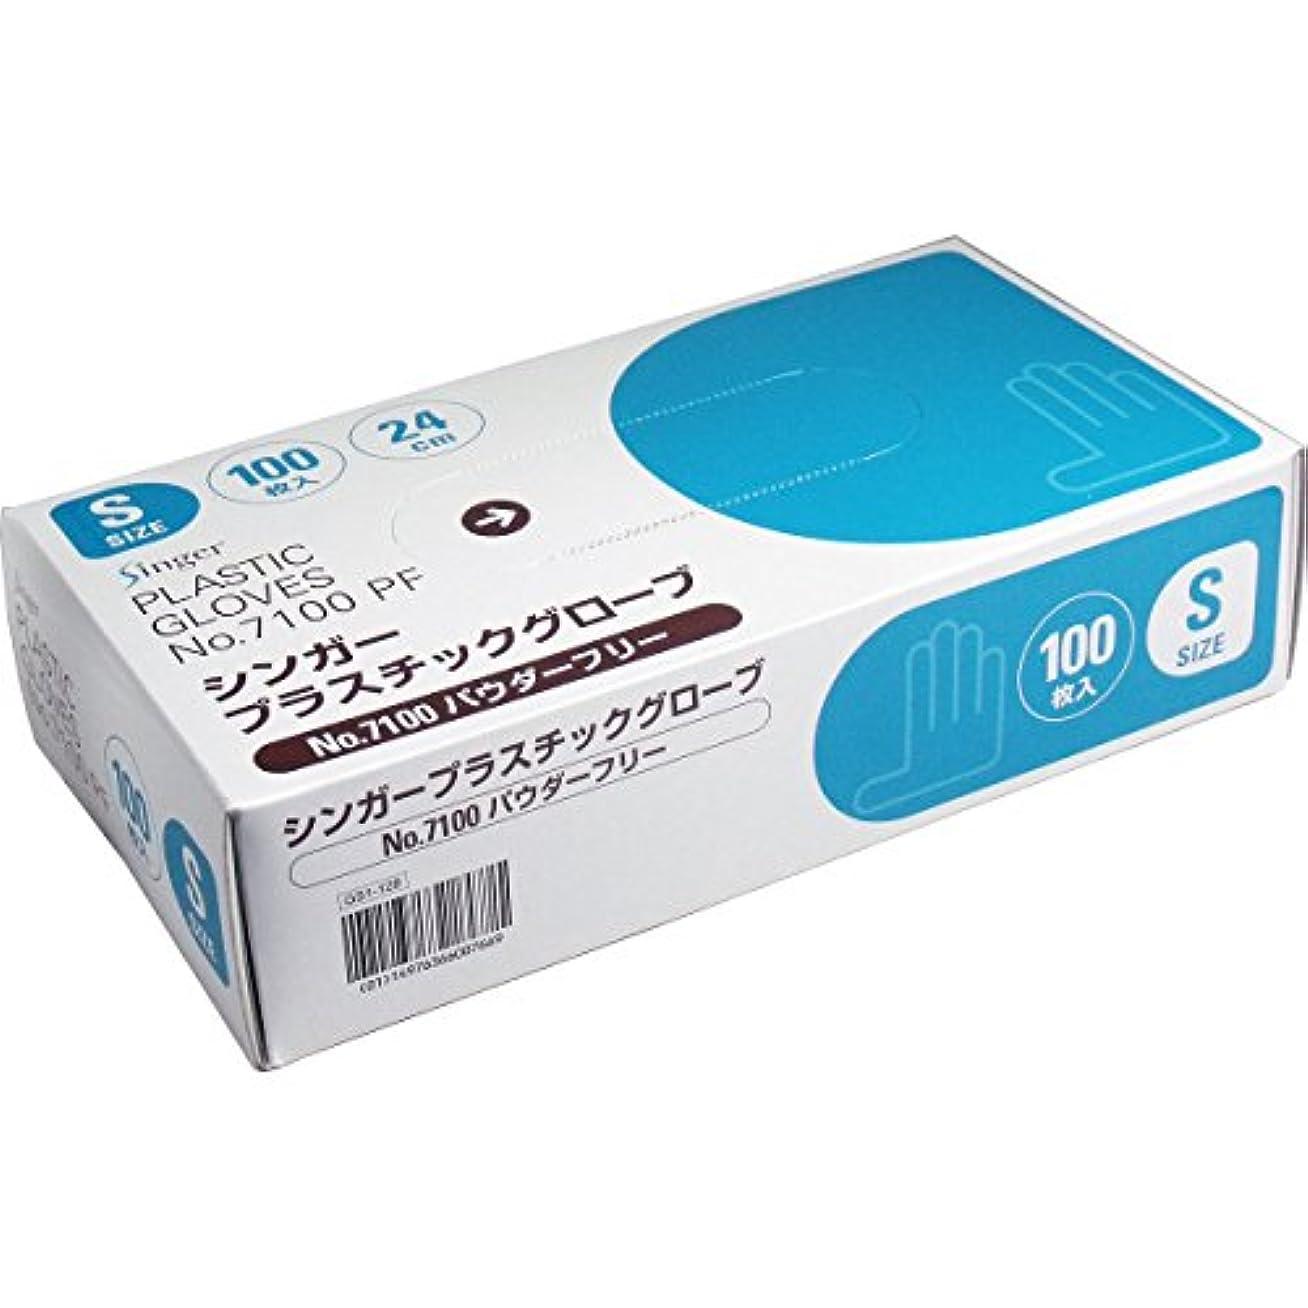 迷惑後おいしいシンガープラスチックグローブ No.7100 パウダーフリー Sサイズ 100枚入×5個セット(管理番号 4976366007662)